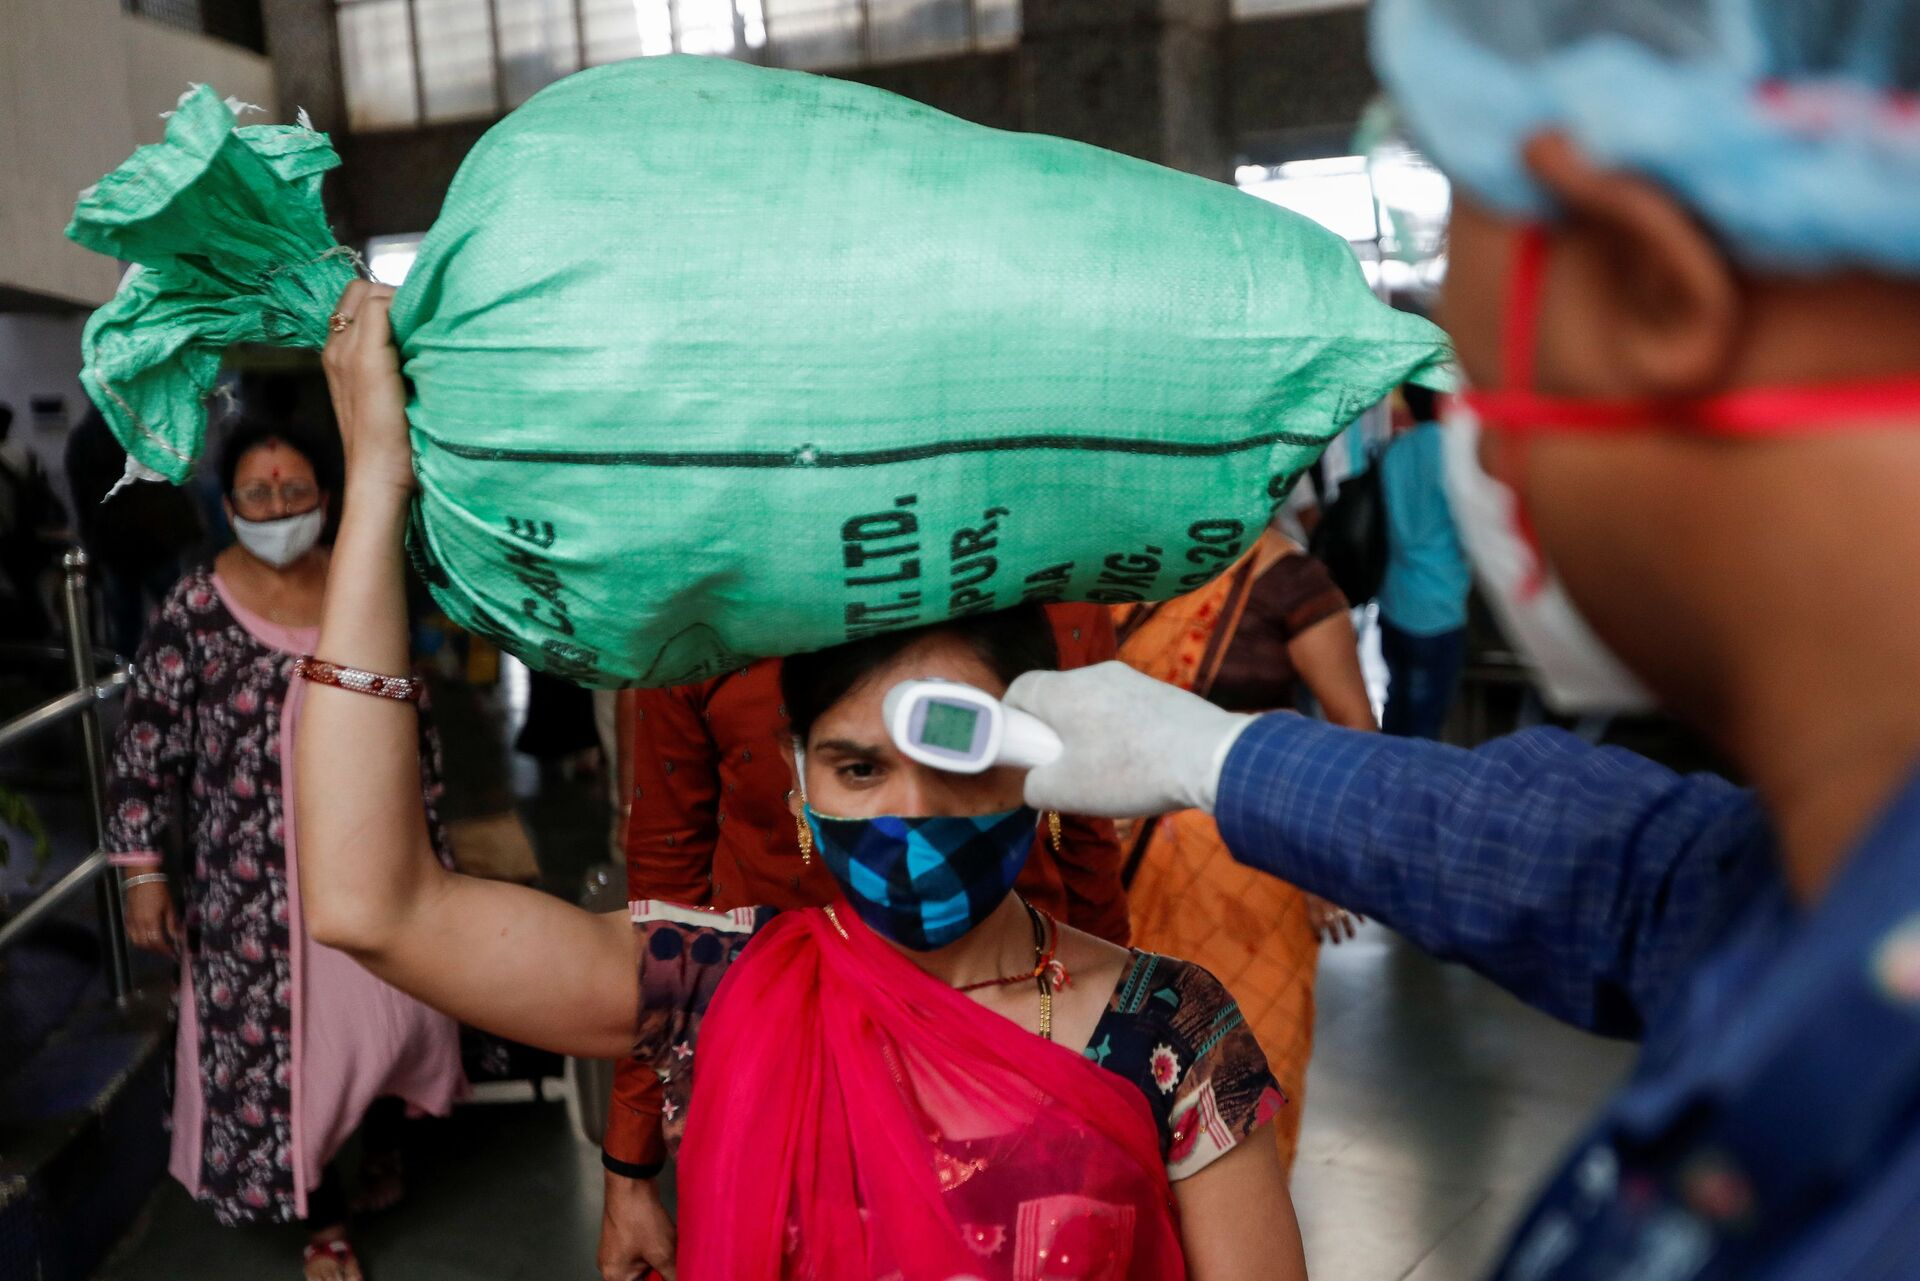 Un'operatore sanitario controlla la temperatura di una passeggera alla stazione di Mumbai, in India - Sputnik Italia, 1920, 18.05.2021